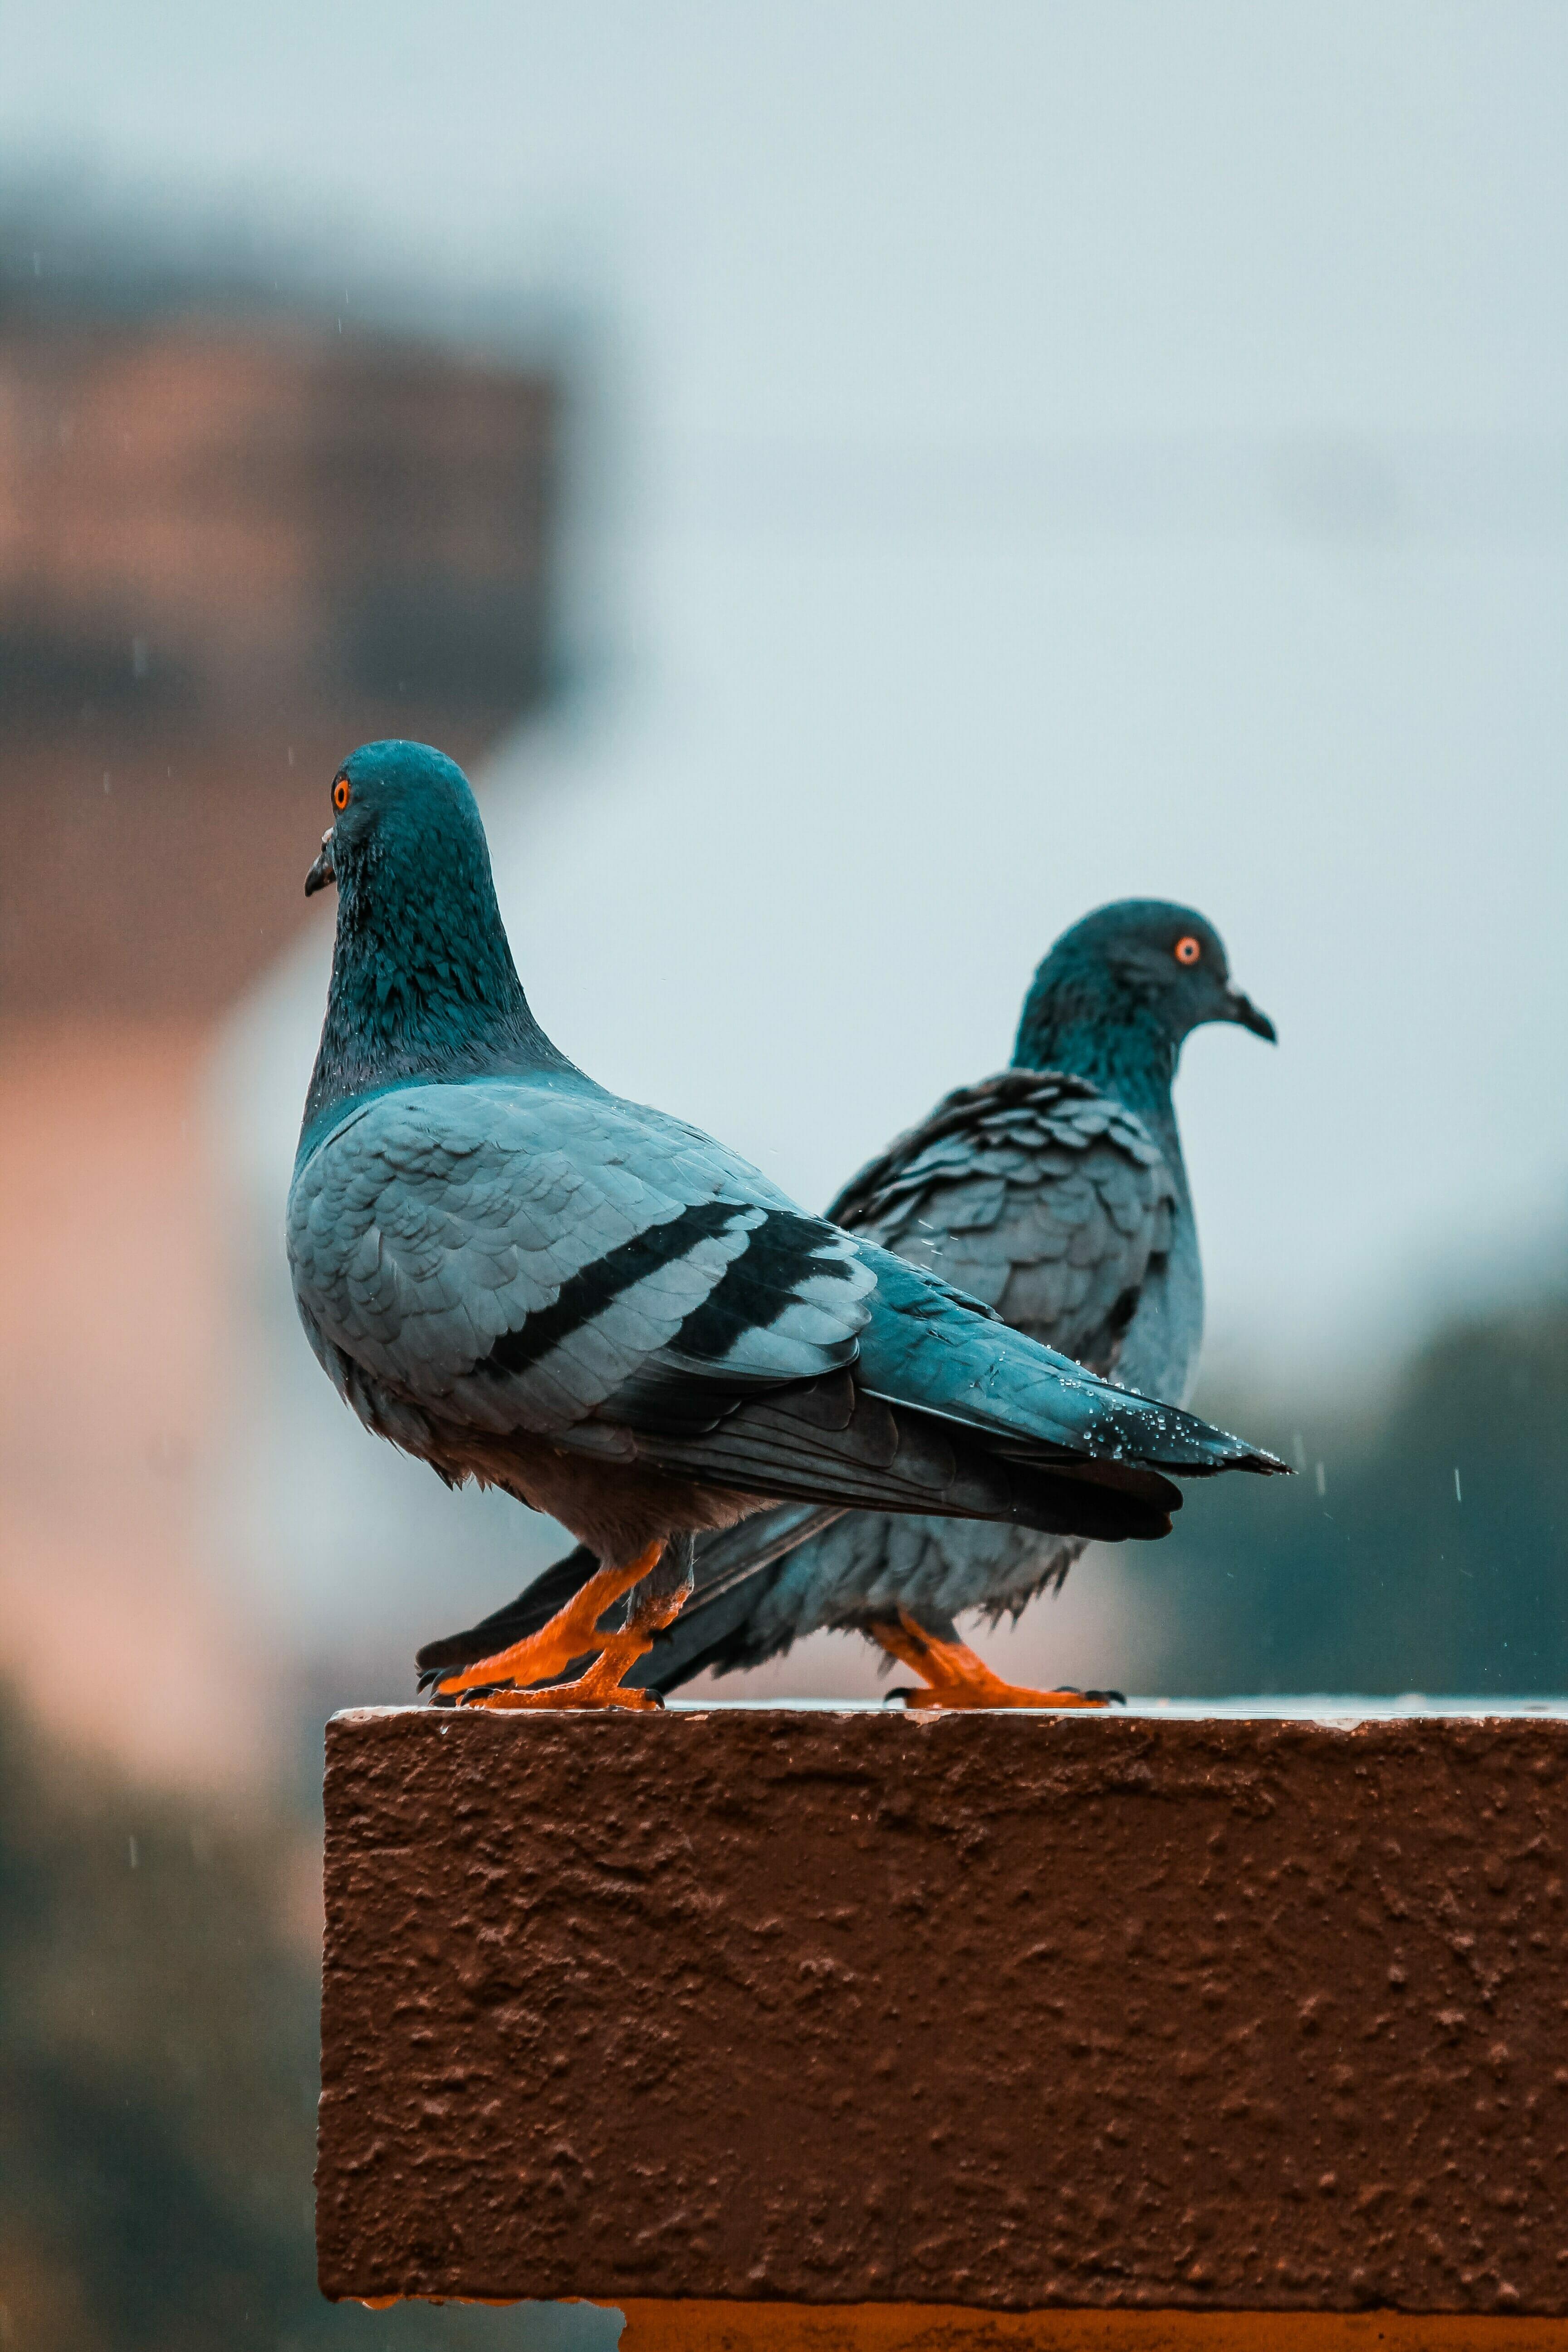 Photo by kalpesh patel on Unsplash